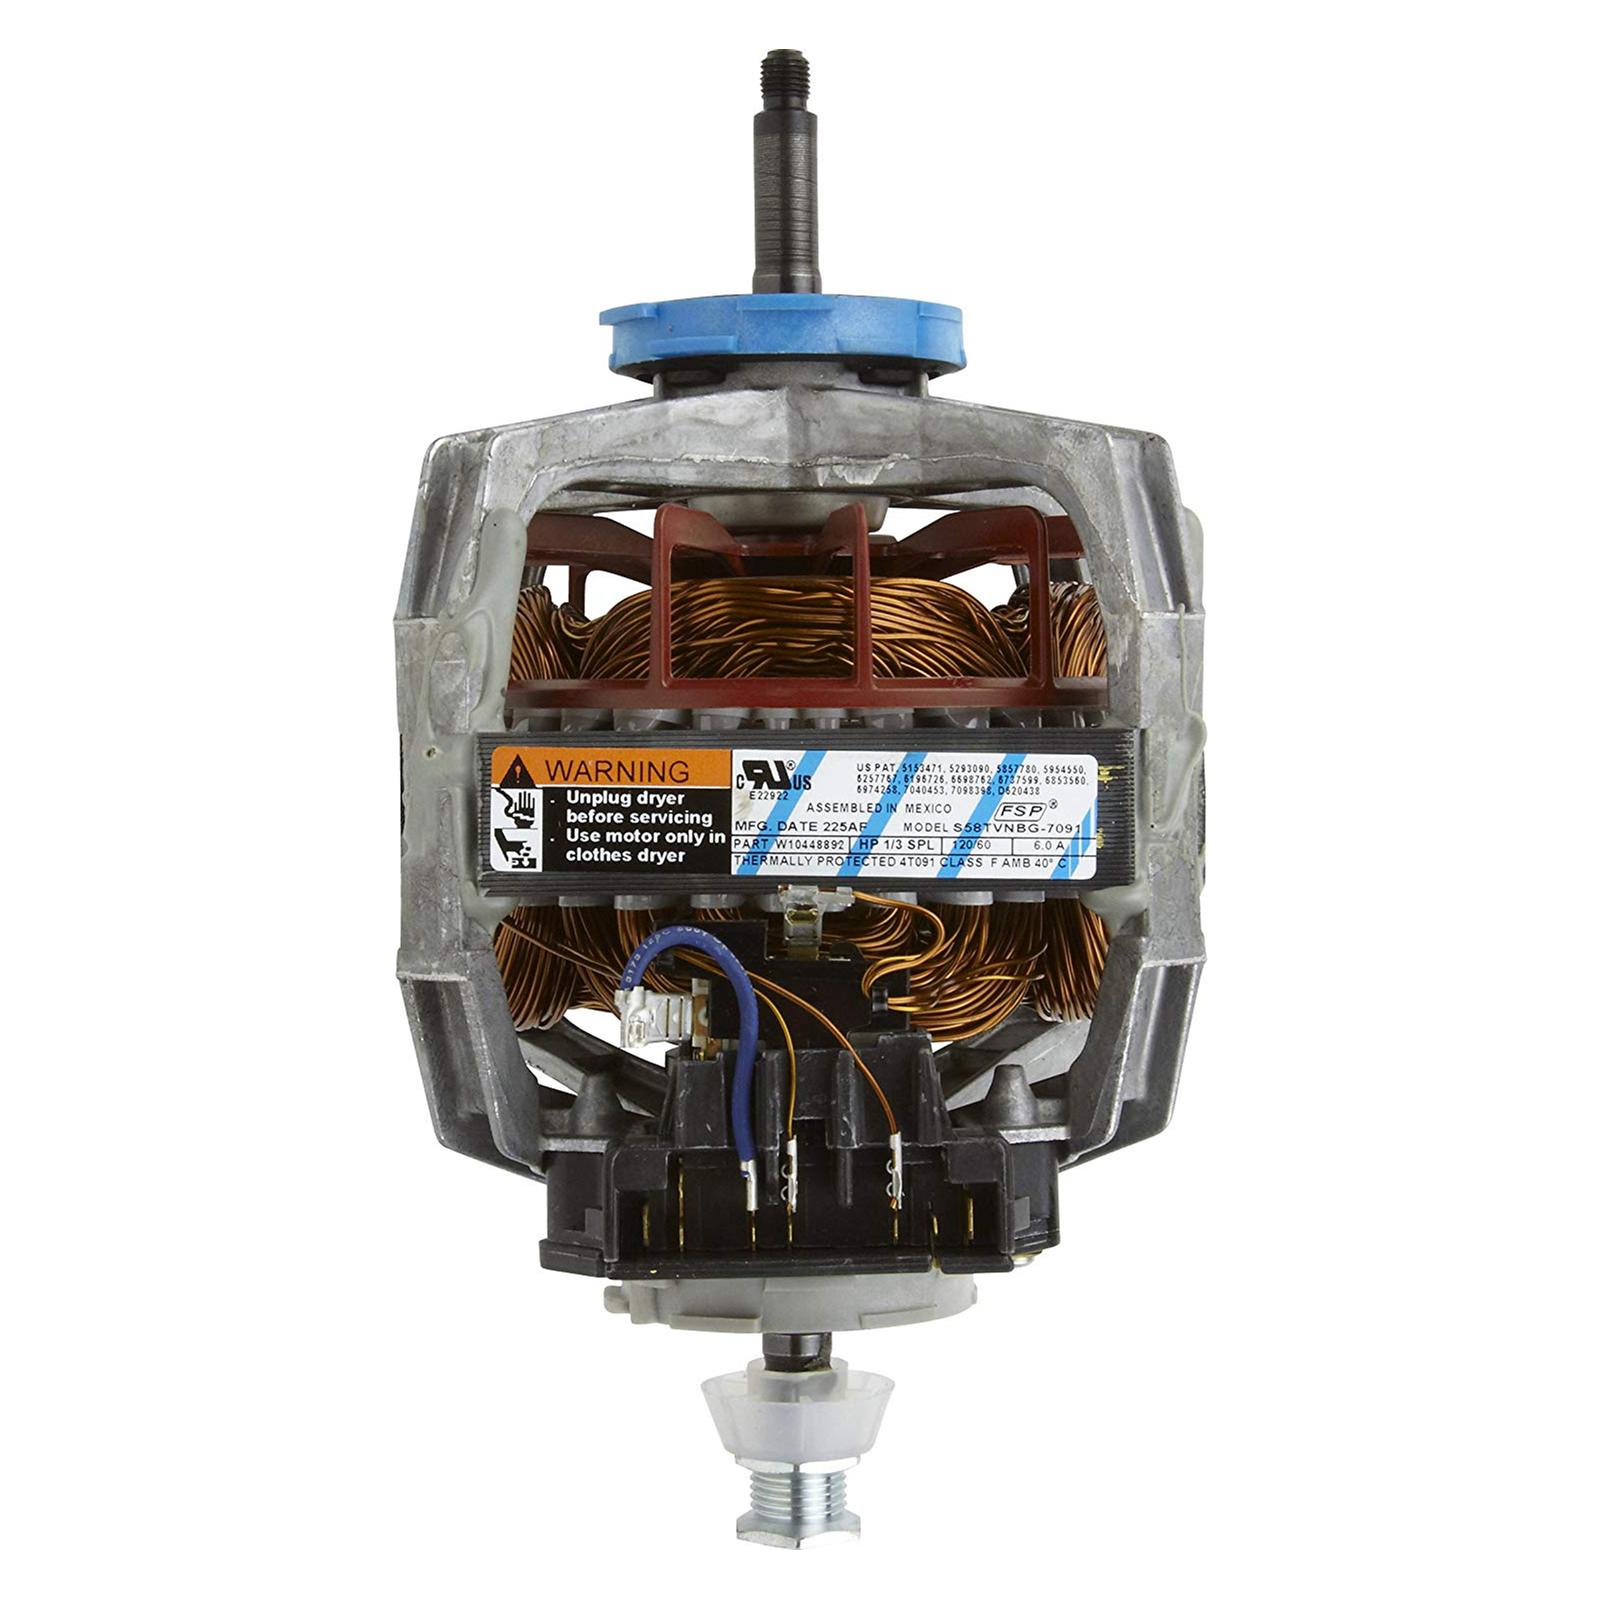 Kenmore 110.62872101 Dryer Drum Belt - Genuine OEM on